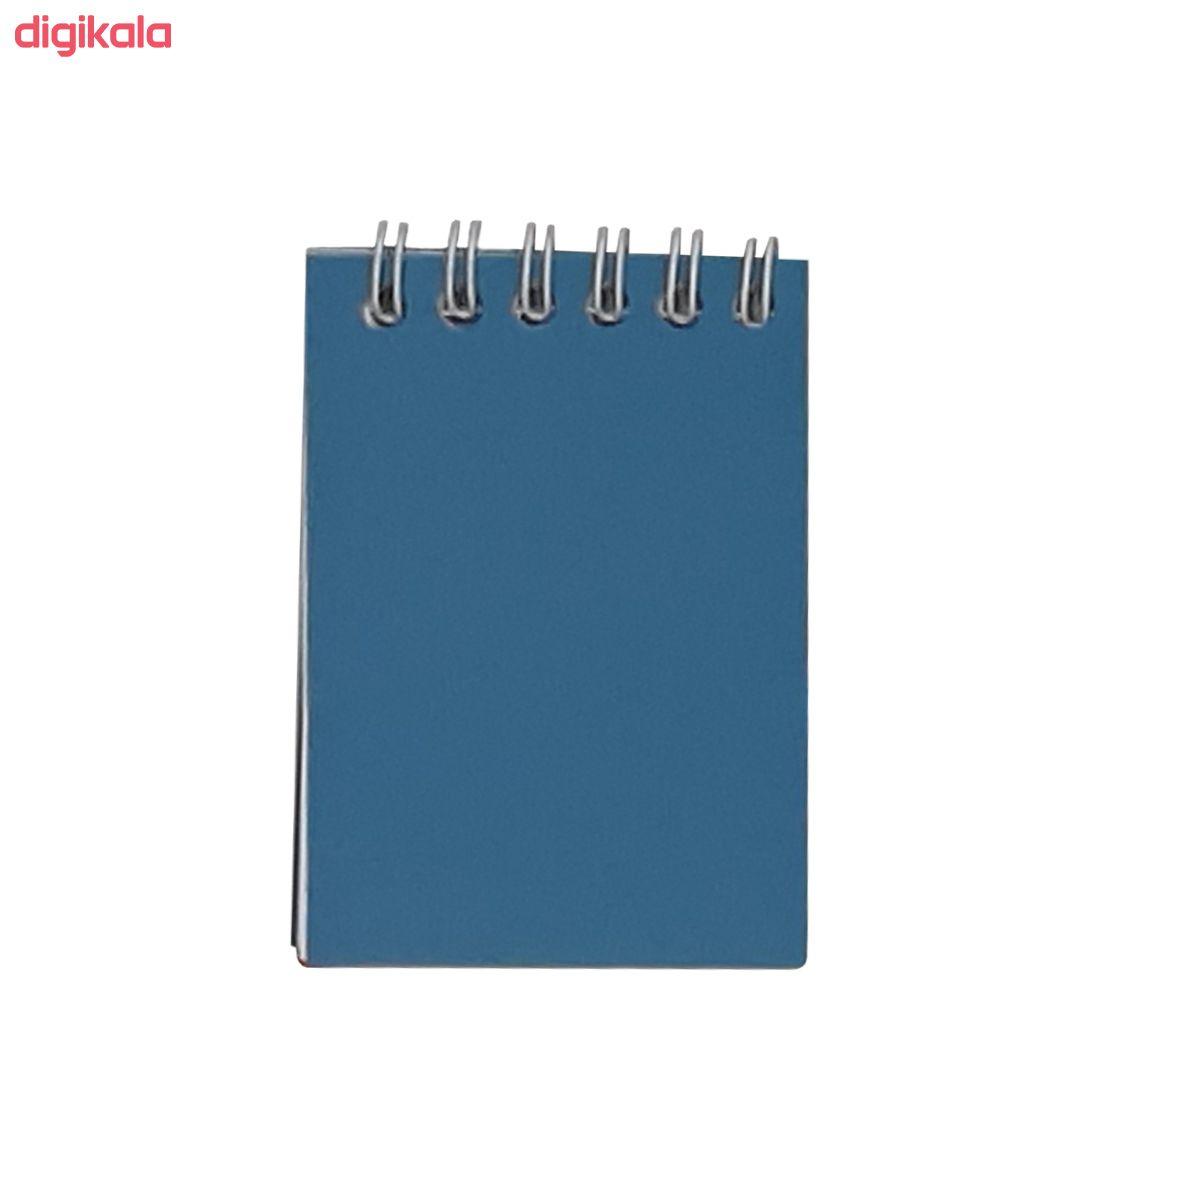 دفترچه یادداشت 60 برگ الماس مدل B-SD-T main 1 1